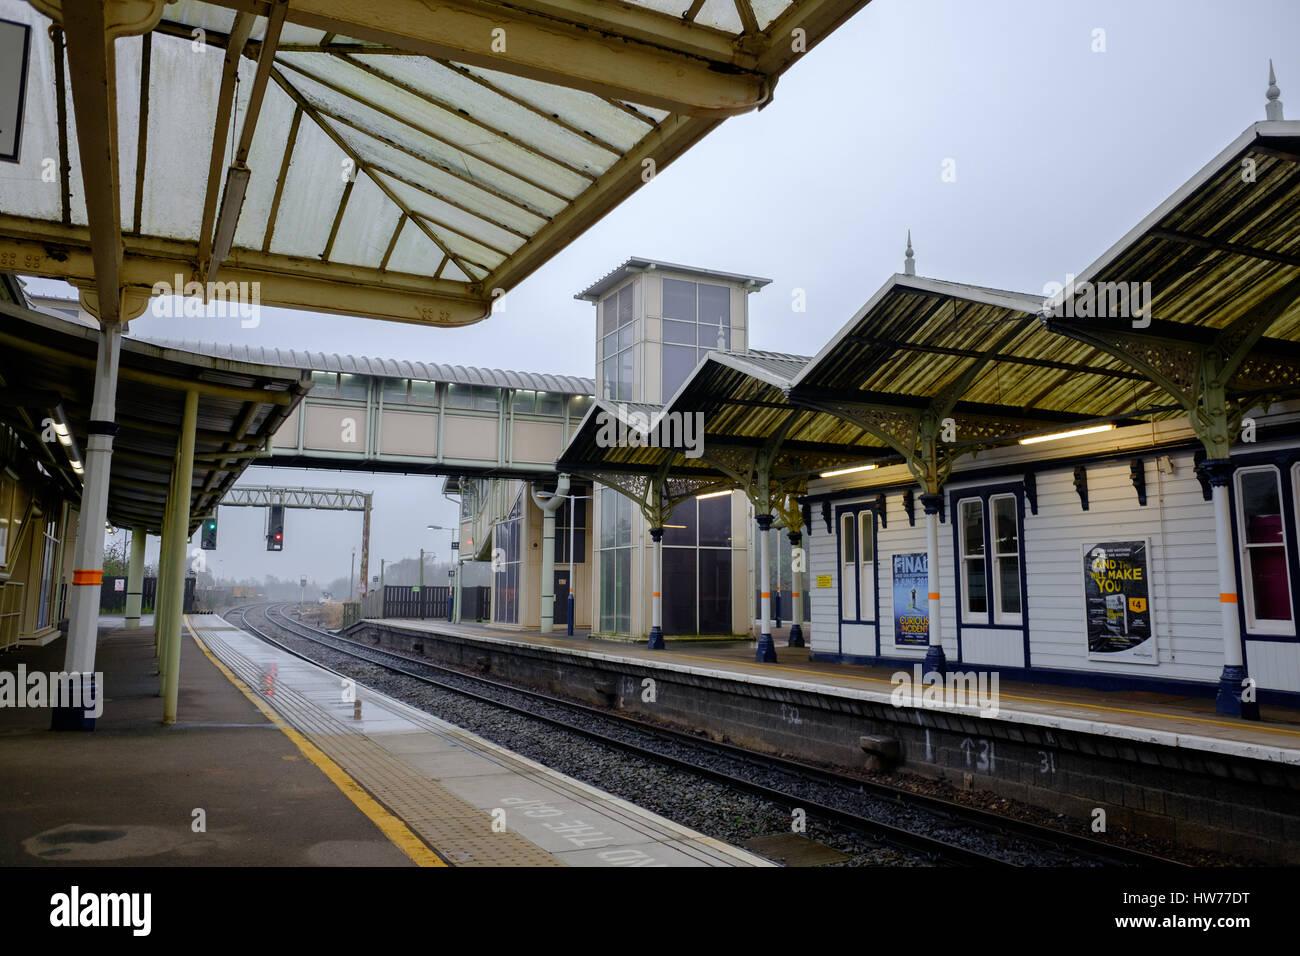 Kettering station, East Midlands, England. - Stock Image